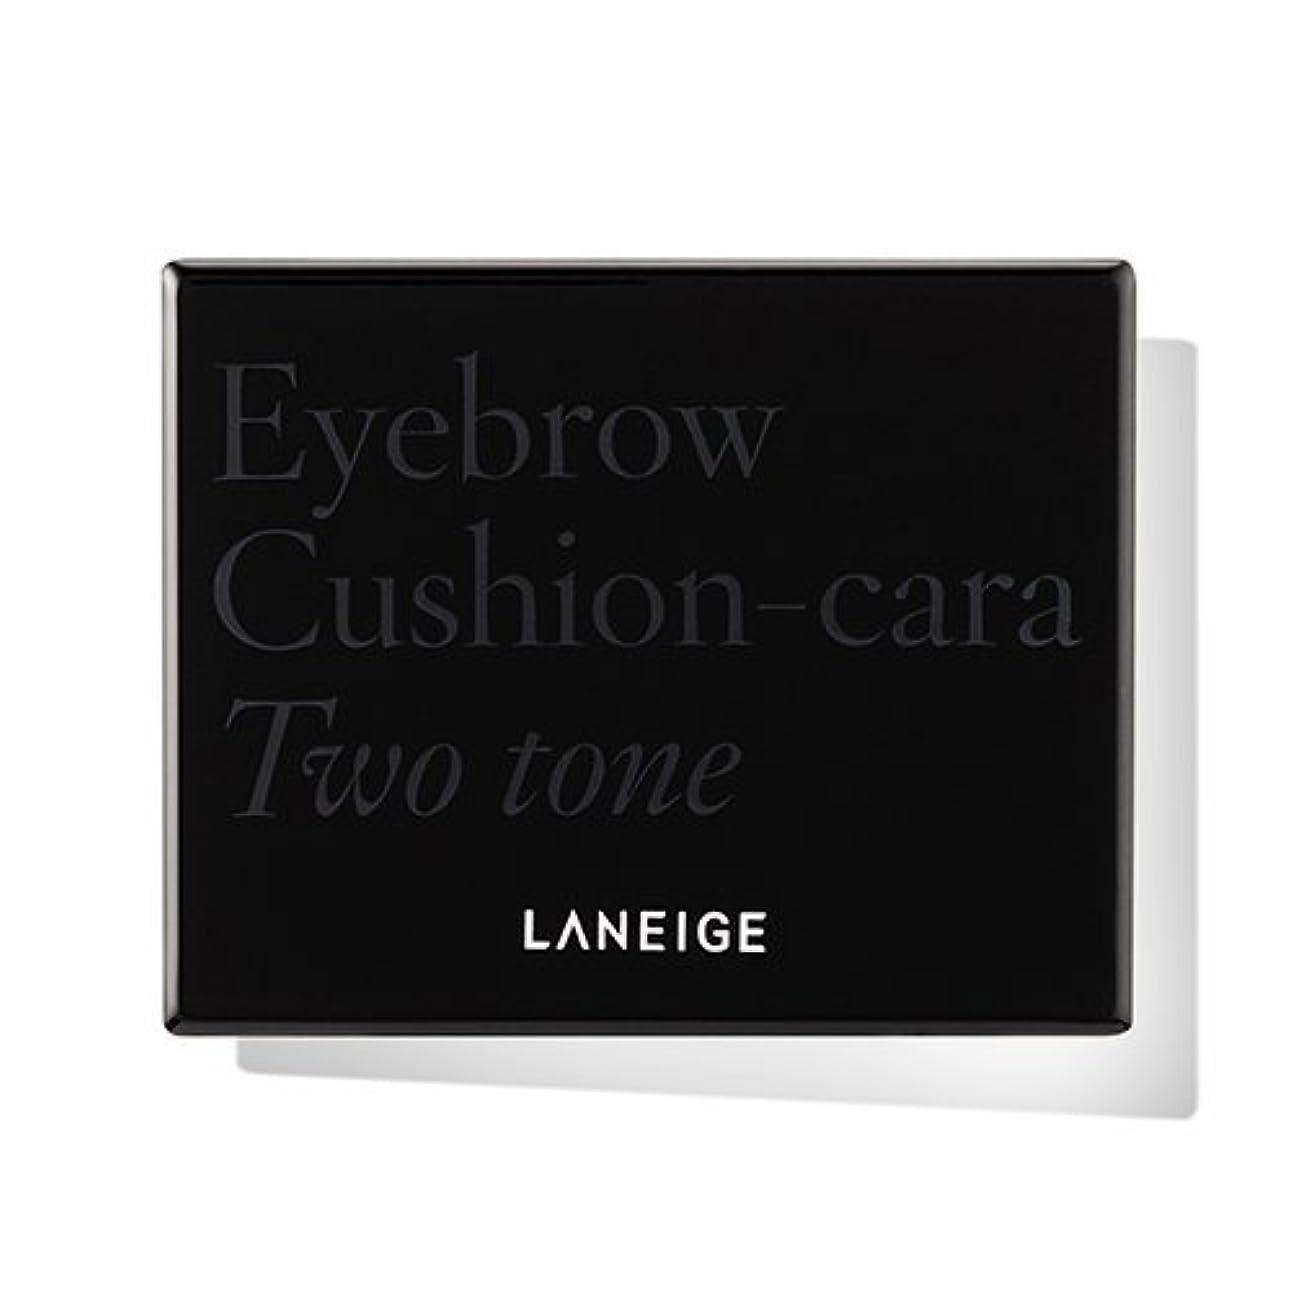 ぶら下がるピアニスト時[New] LANEIGE Eyebrow Cushion-cara 6g/ラネージュ アイブロウ クッション カラ 6g (#2 Two Tone Brown) [並行輸入品]